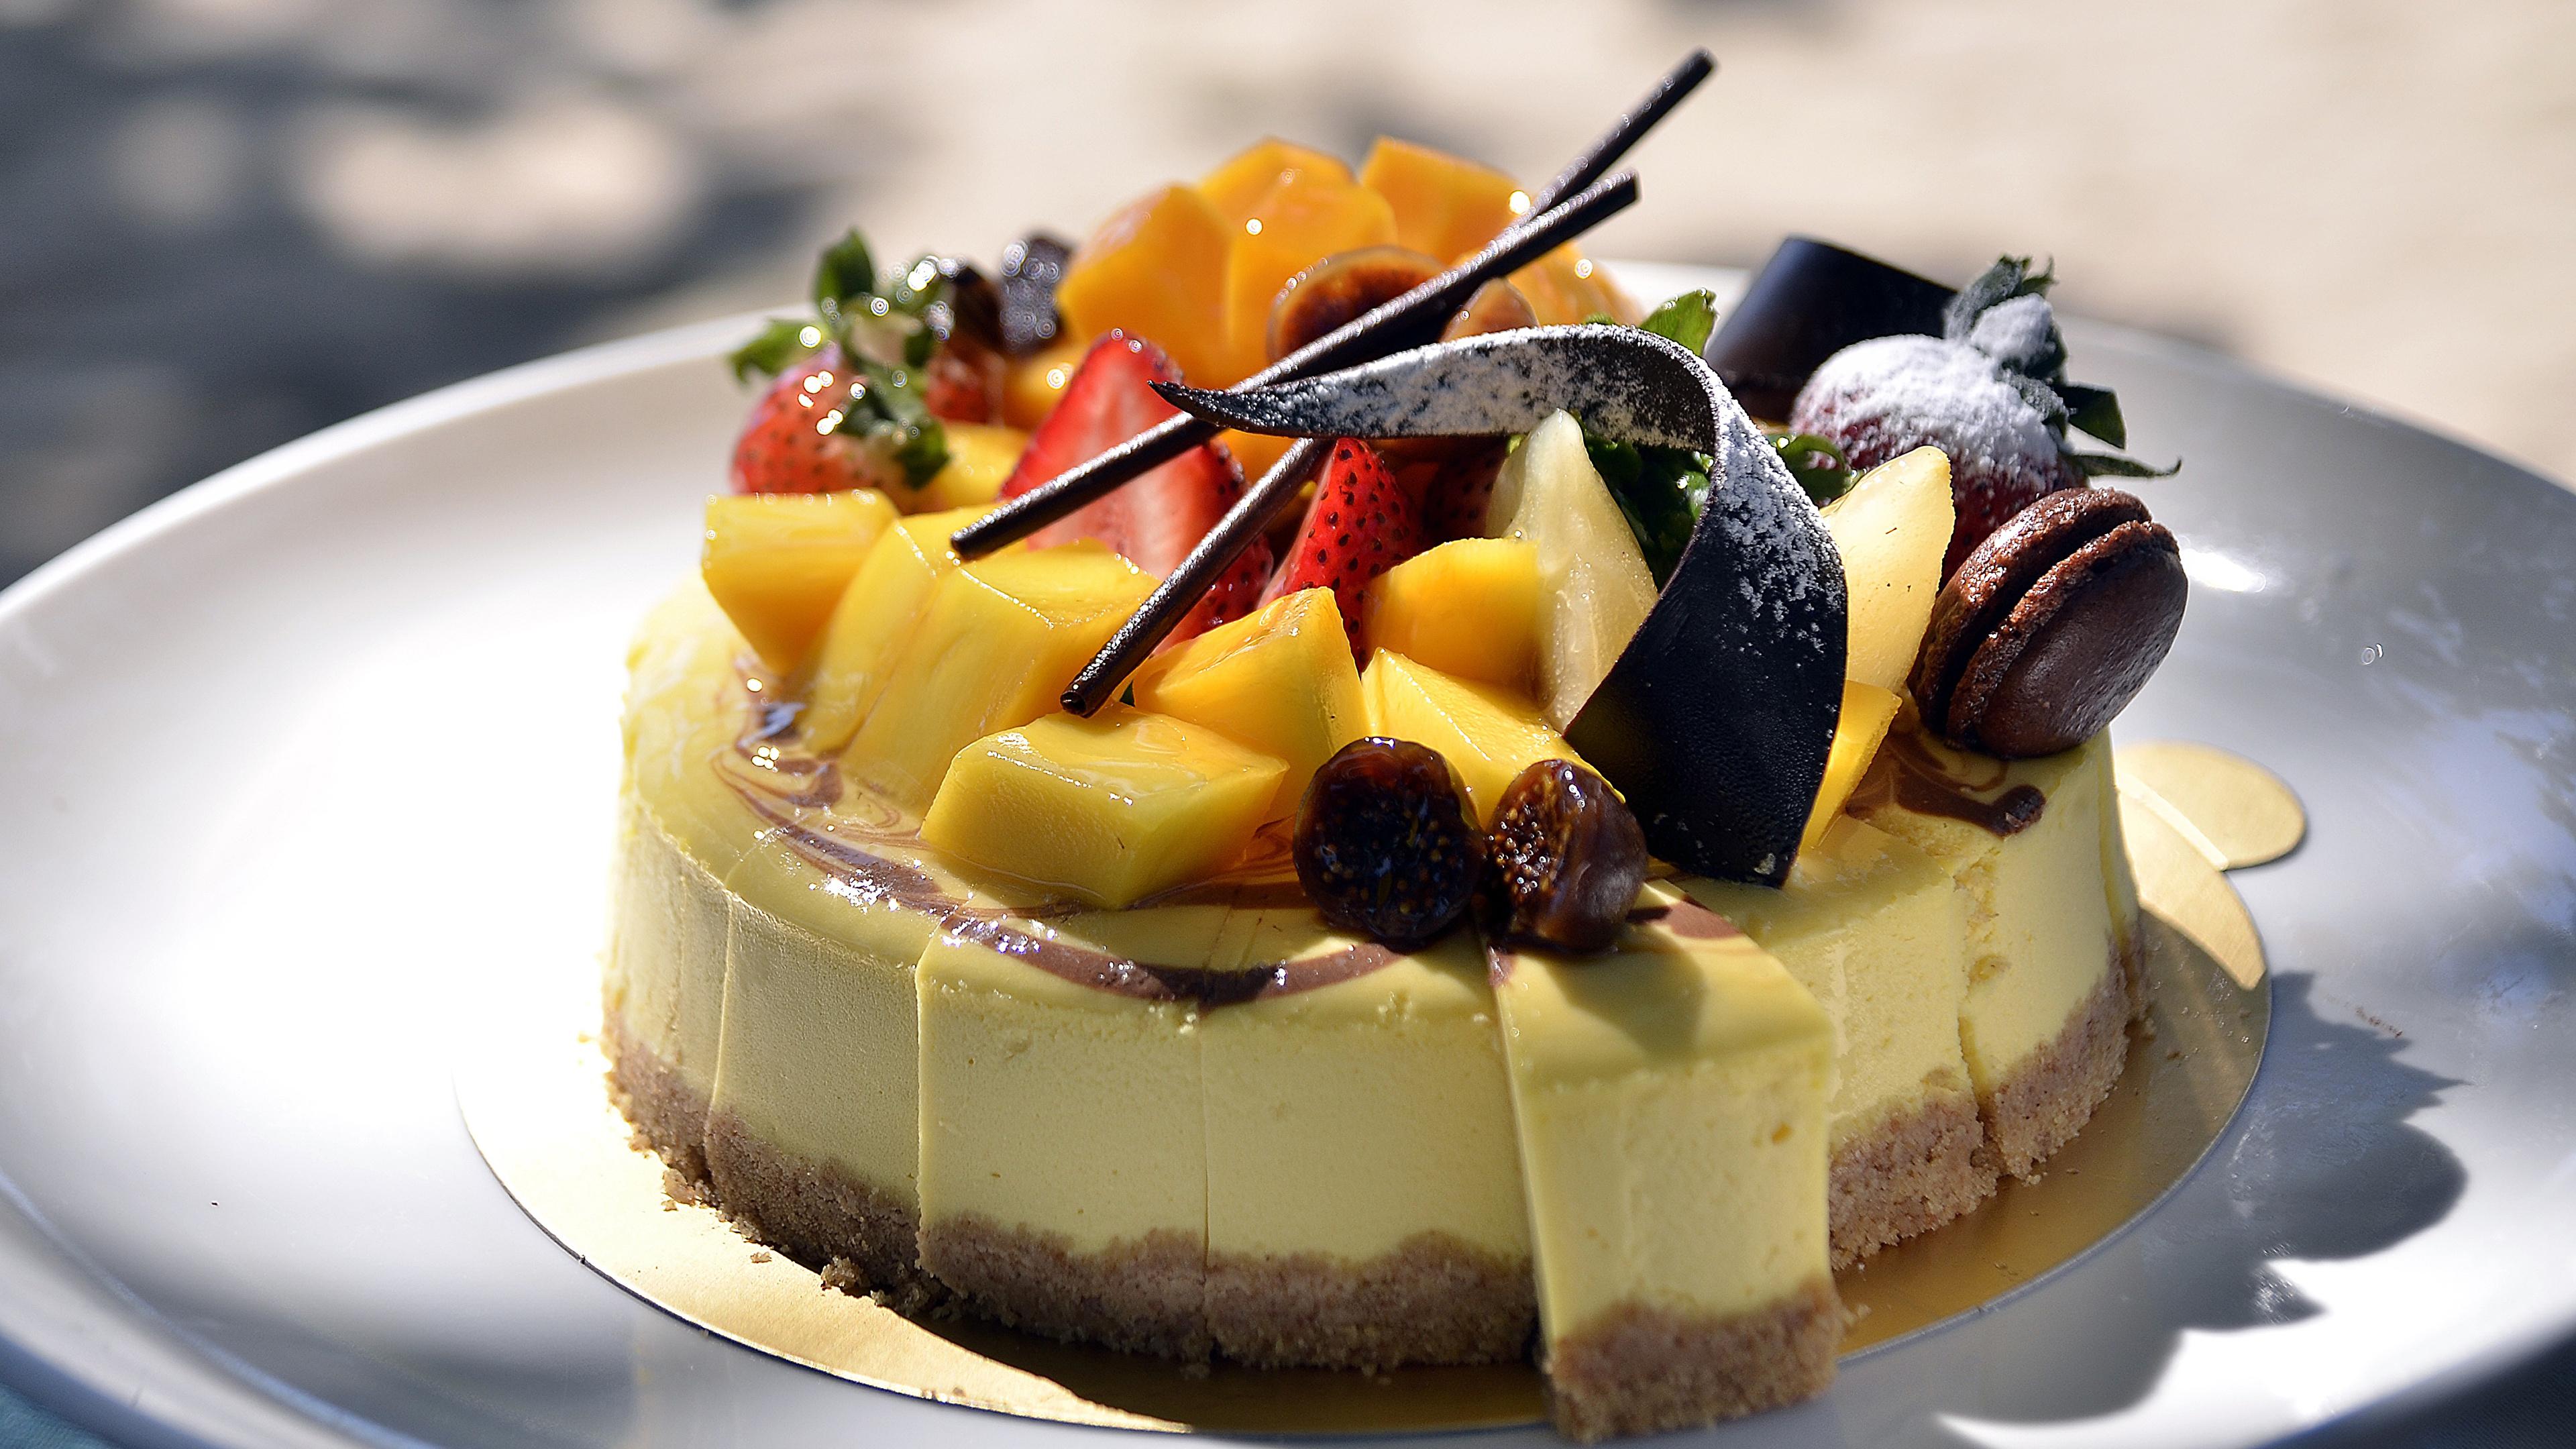 Картинка Шоколад Торты Еда Фрукты Сладости 3840x2160 Пища Продукты питания